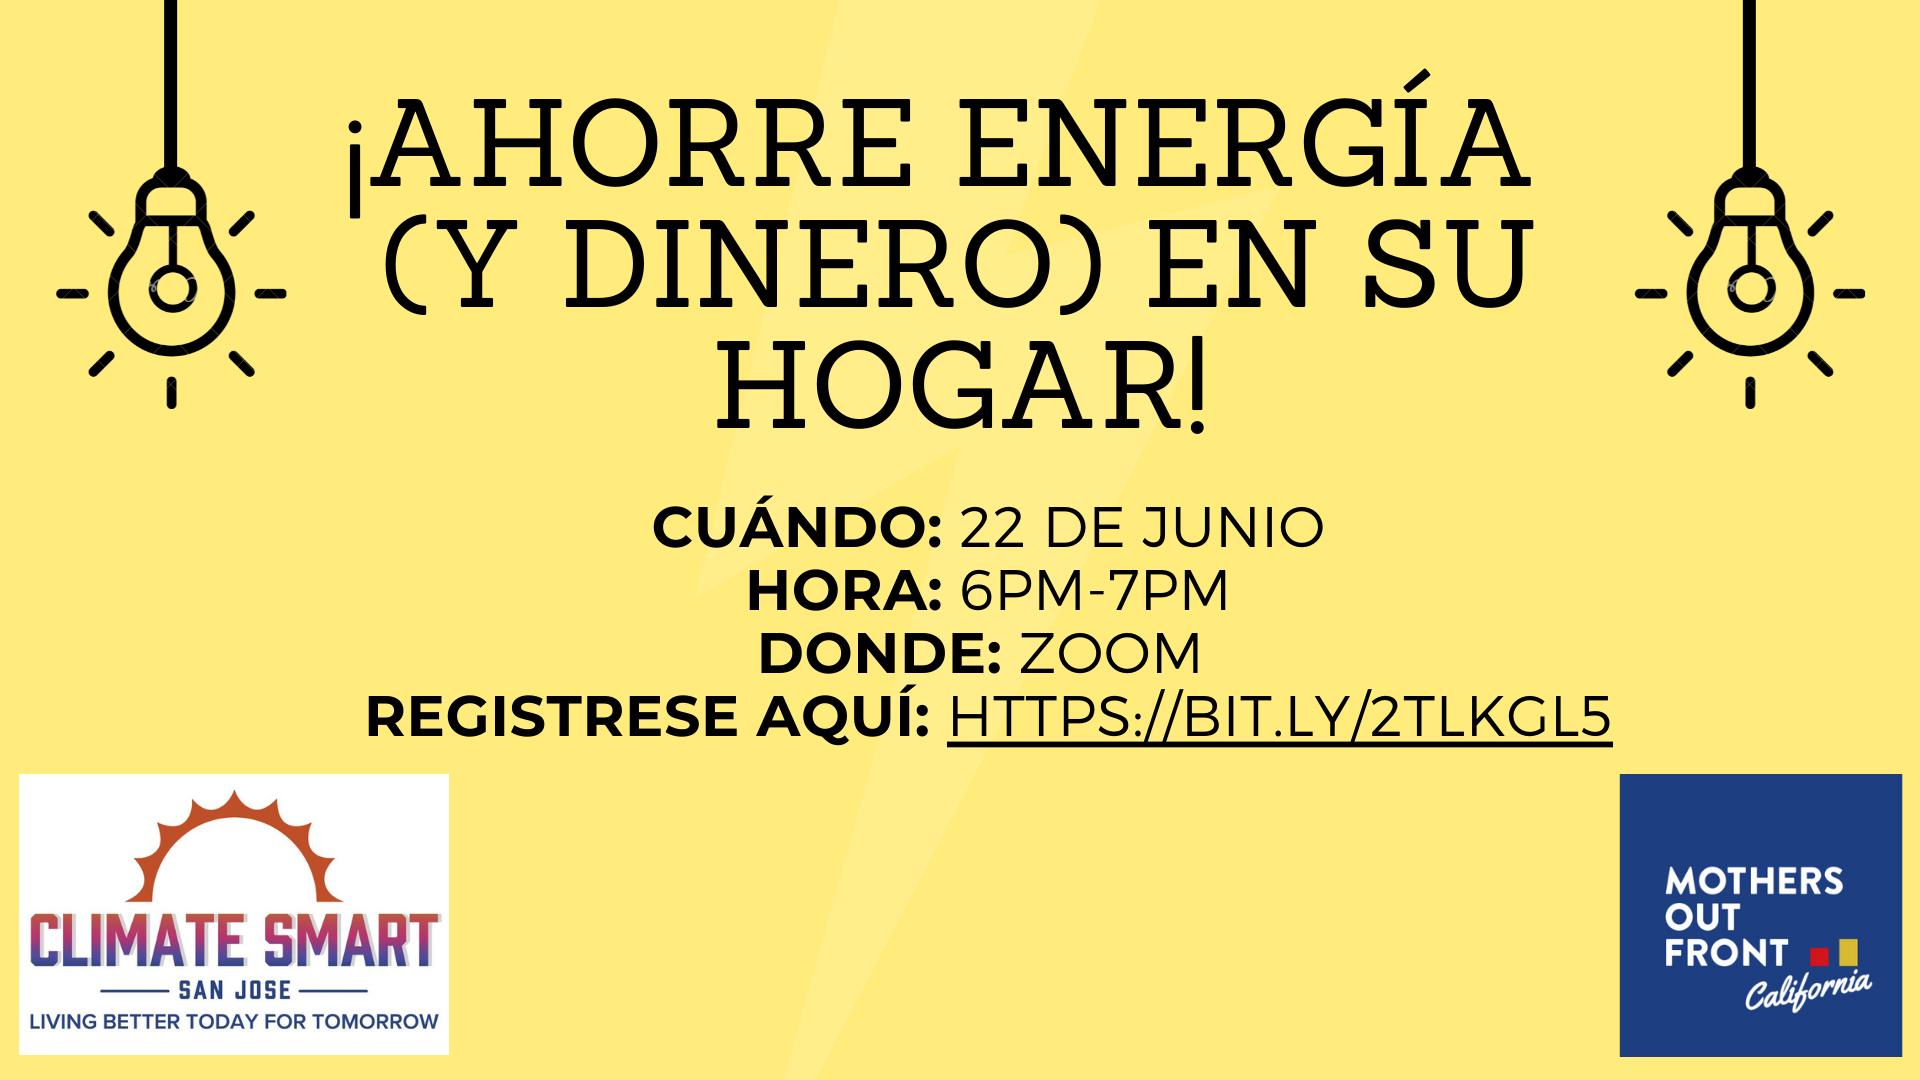 FB_Cover_-_Ahorro_de_energía_6.22.21.png